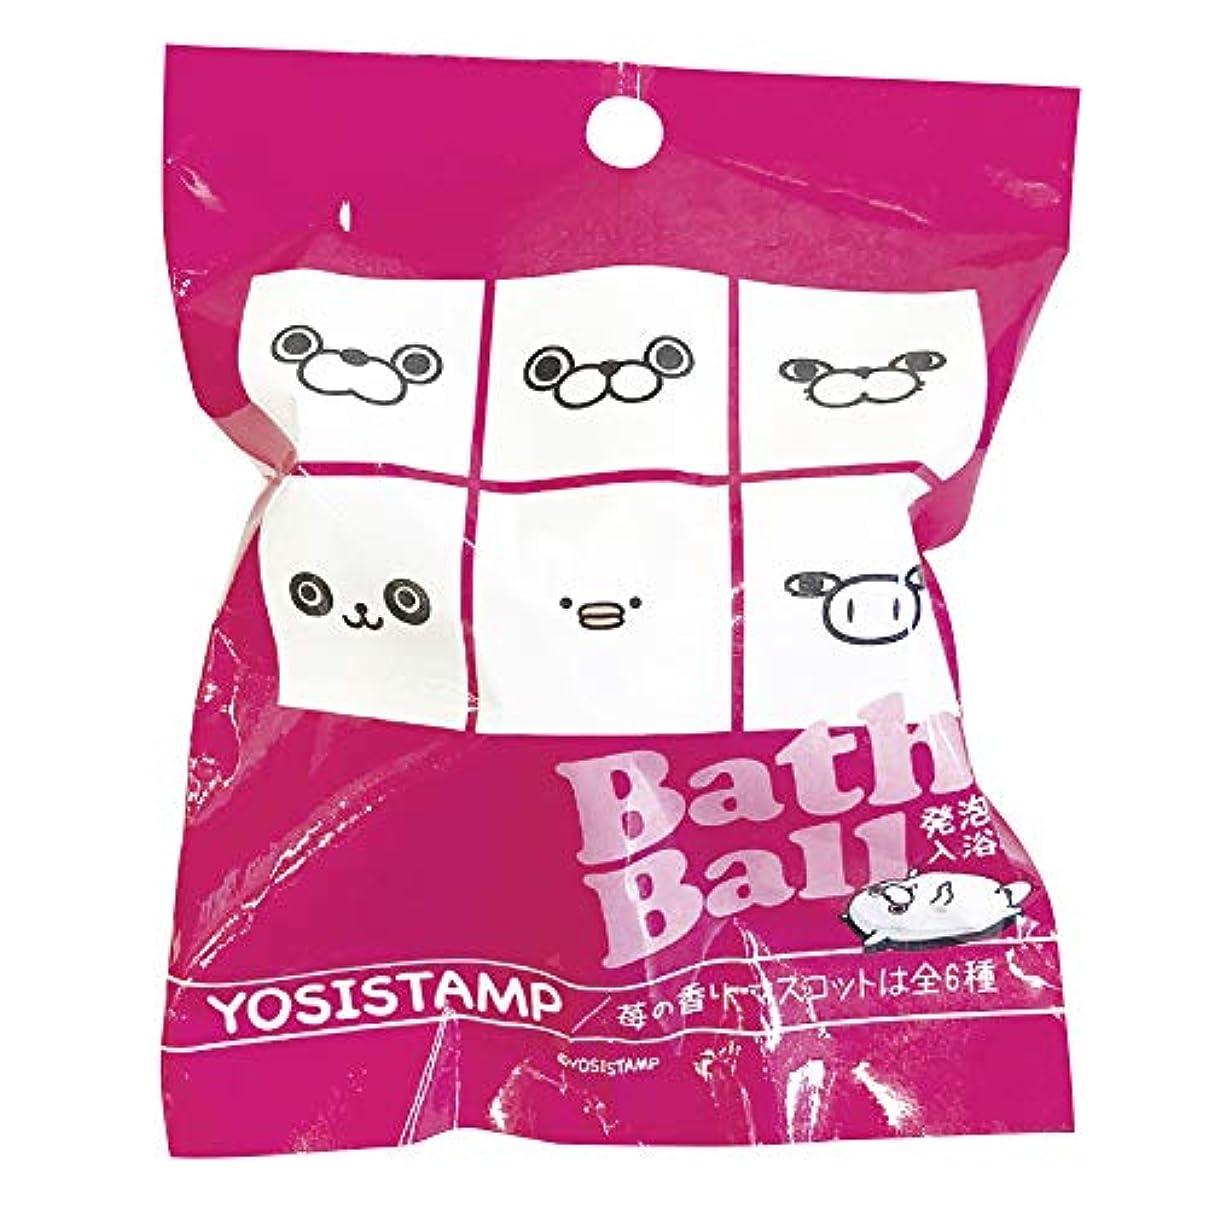 乳白厳密に教えるヨッシースタンプ 入浴剤 バスボール おまけ付き イチゴの香り ABD-004-002